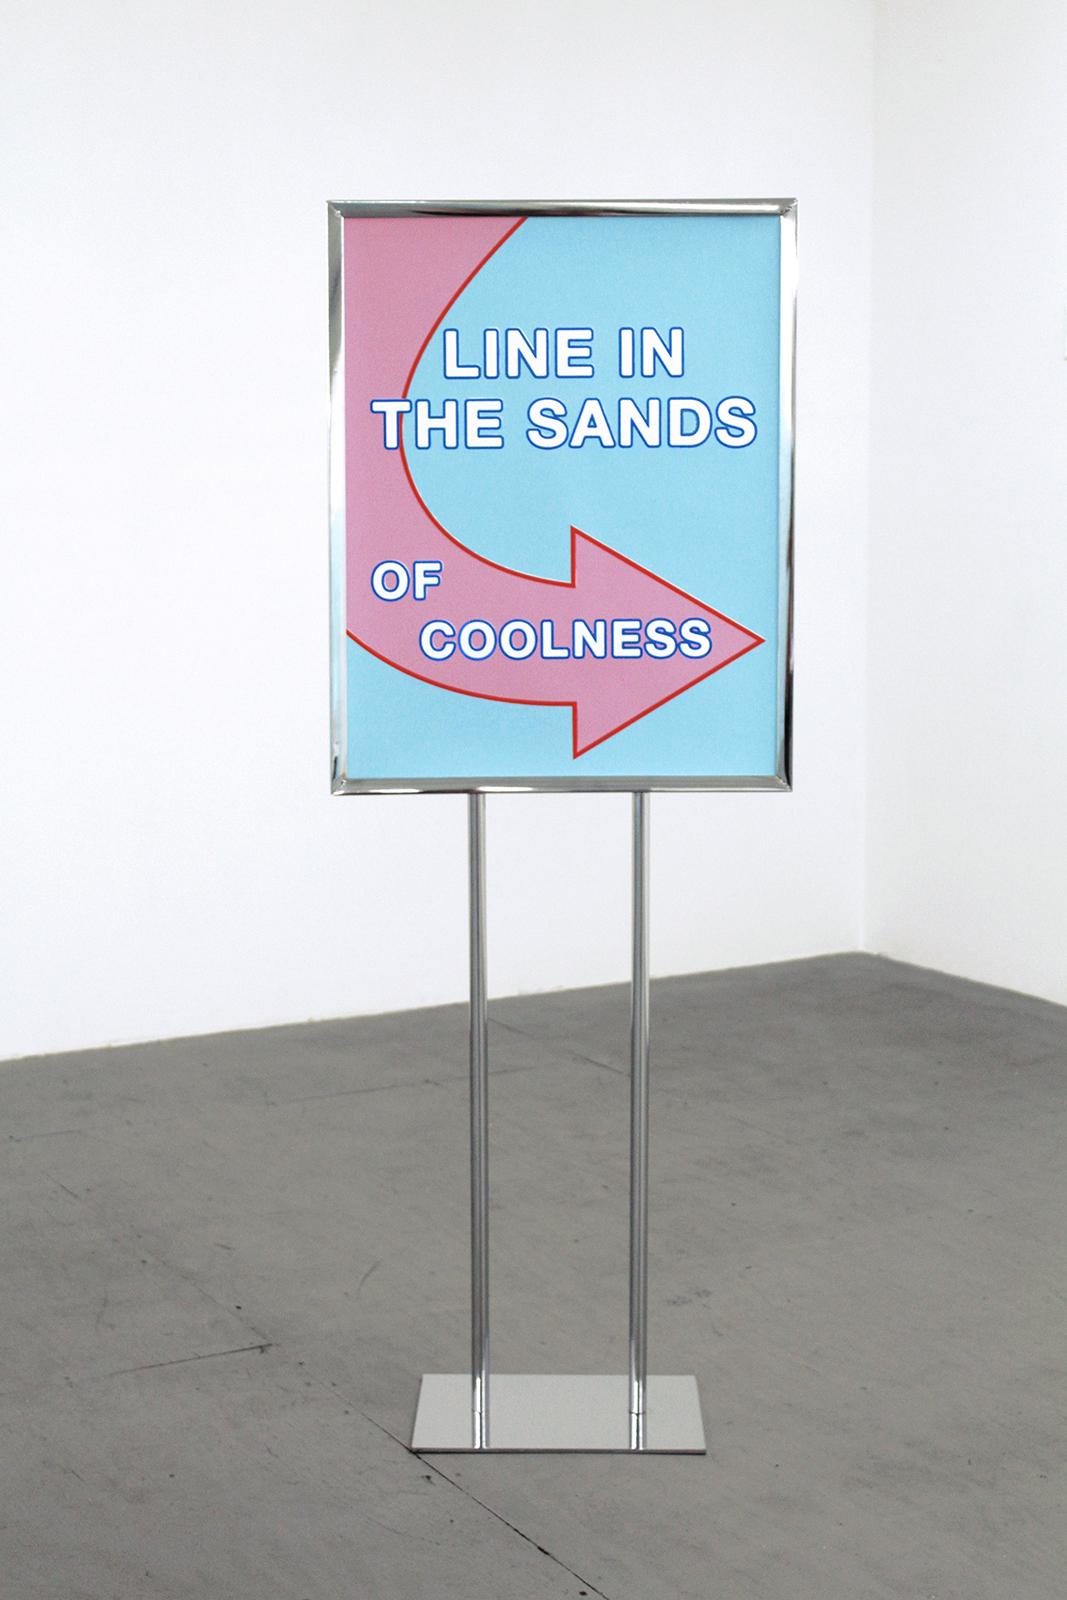 linesinthesandsofcoolness